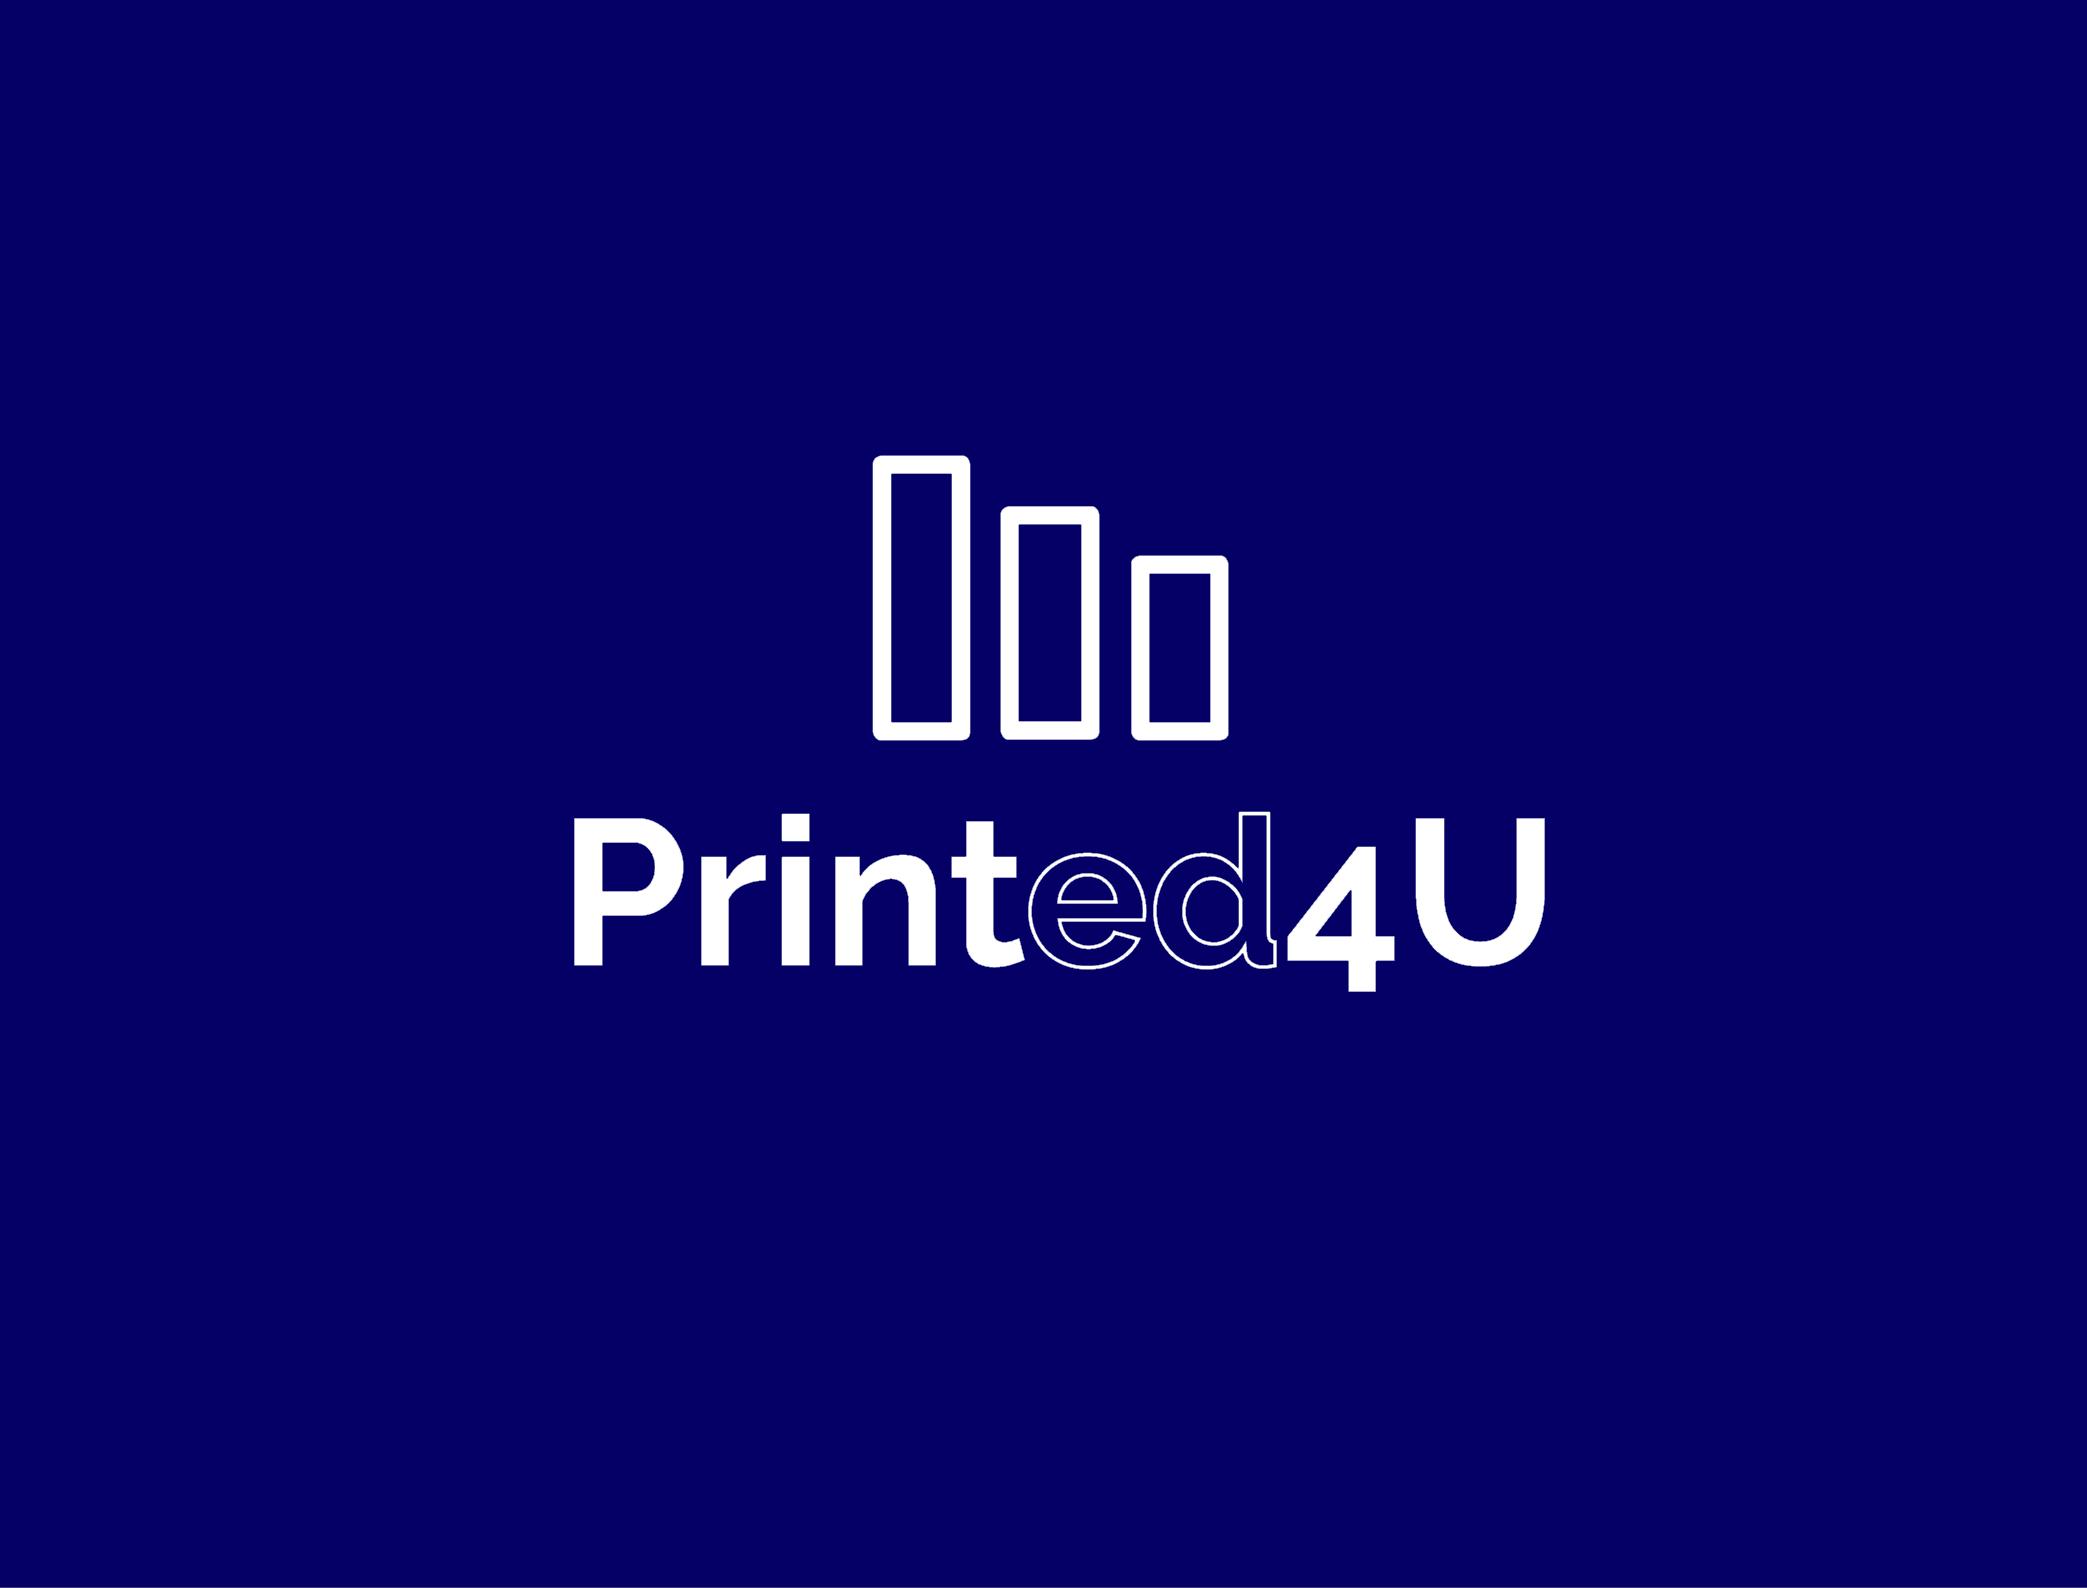 Printed4U – Wir drucken den Unterschied in 3D